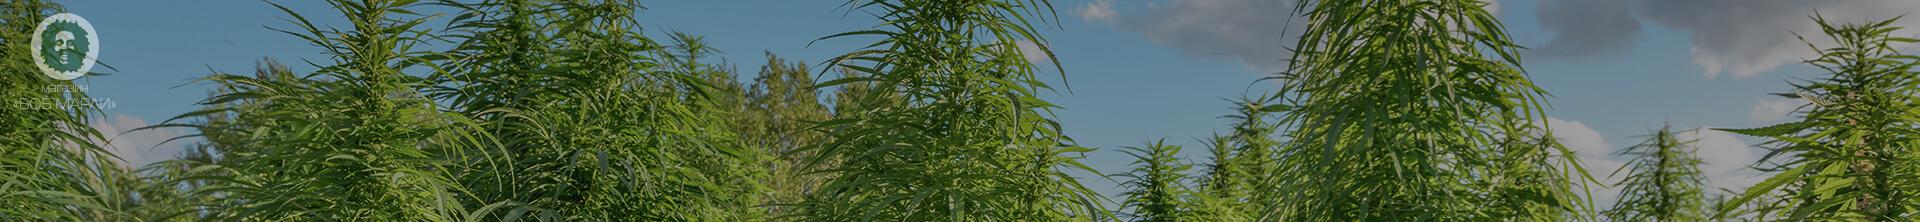 медицинские сорта марихуаны